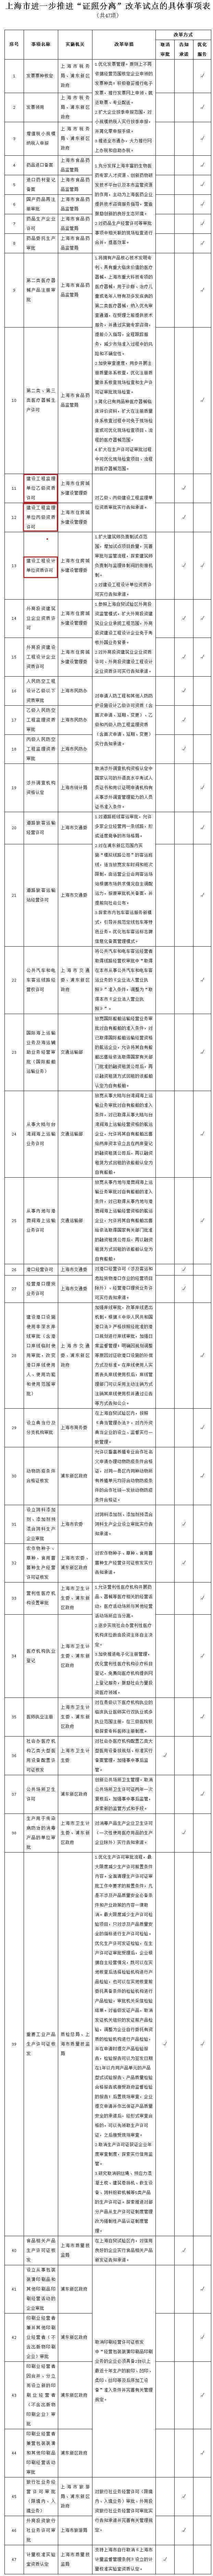 国务院:同意再扩大上海建筑师负责制试点,对企业资质实行告知